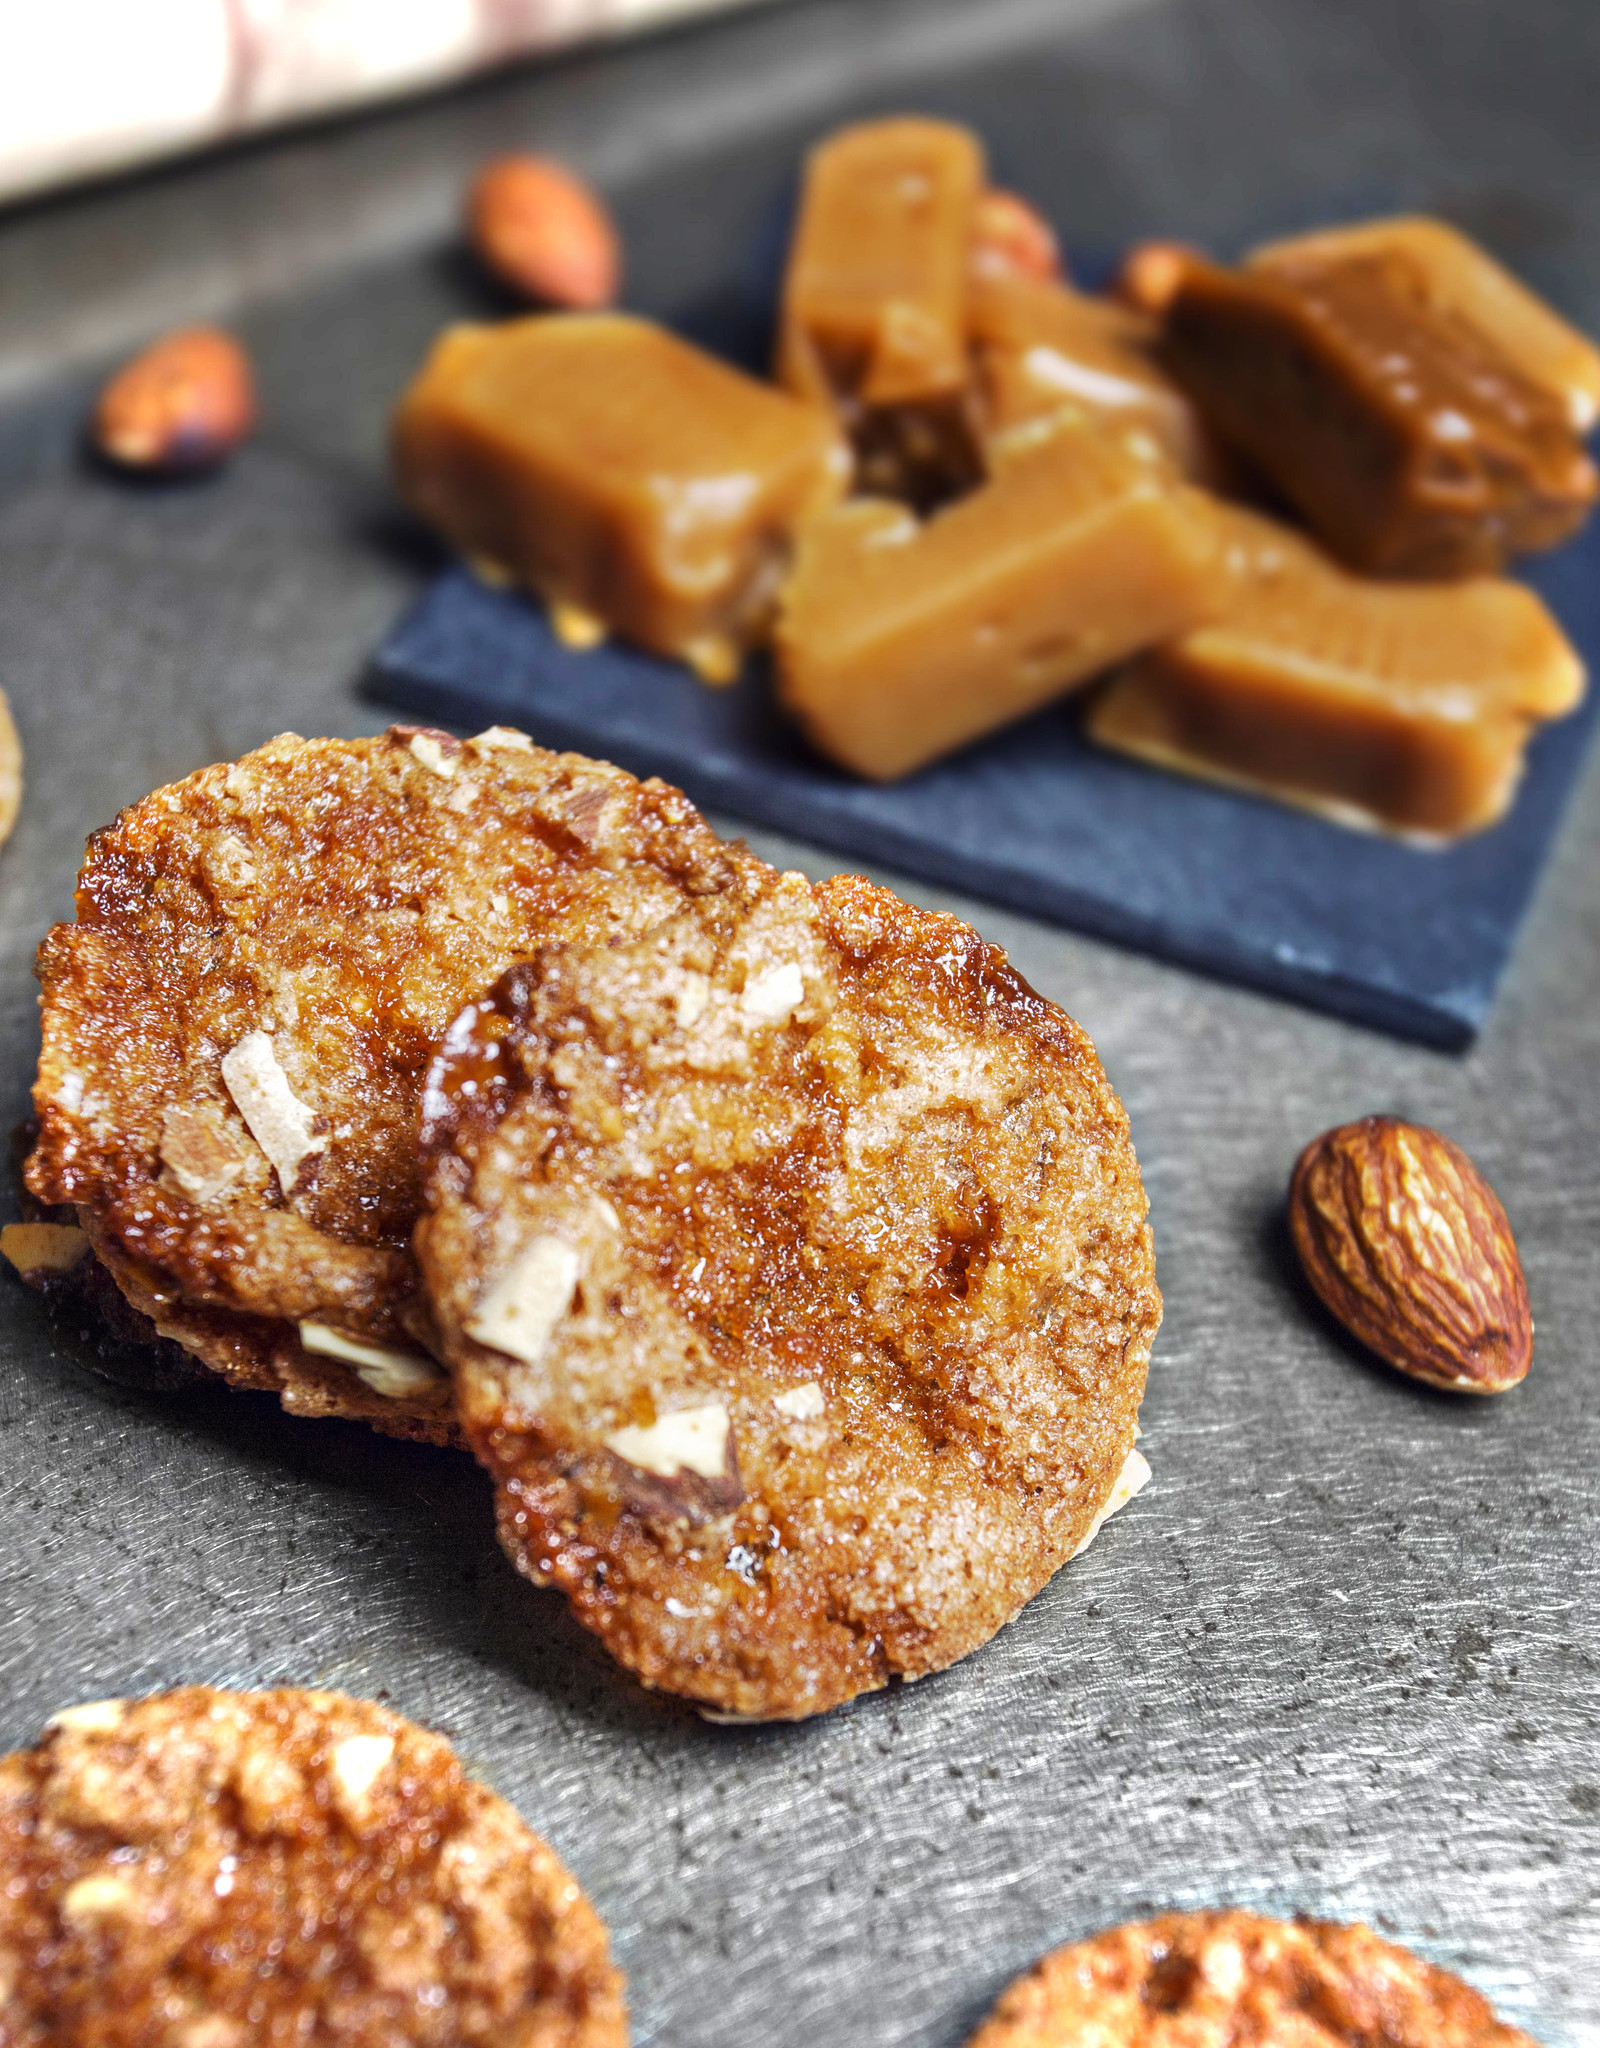 Maison Bruyere Salted caramel crisps 70g